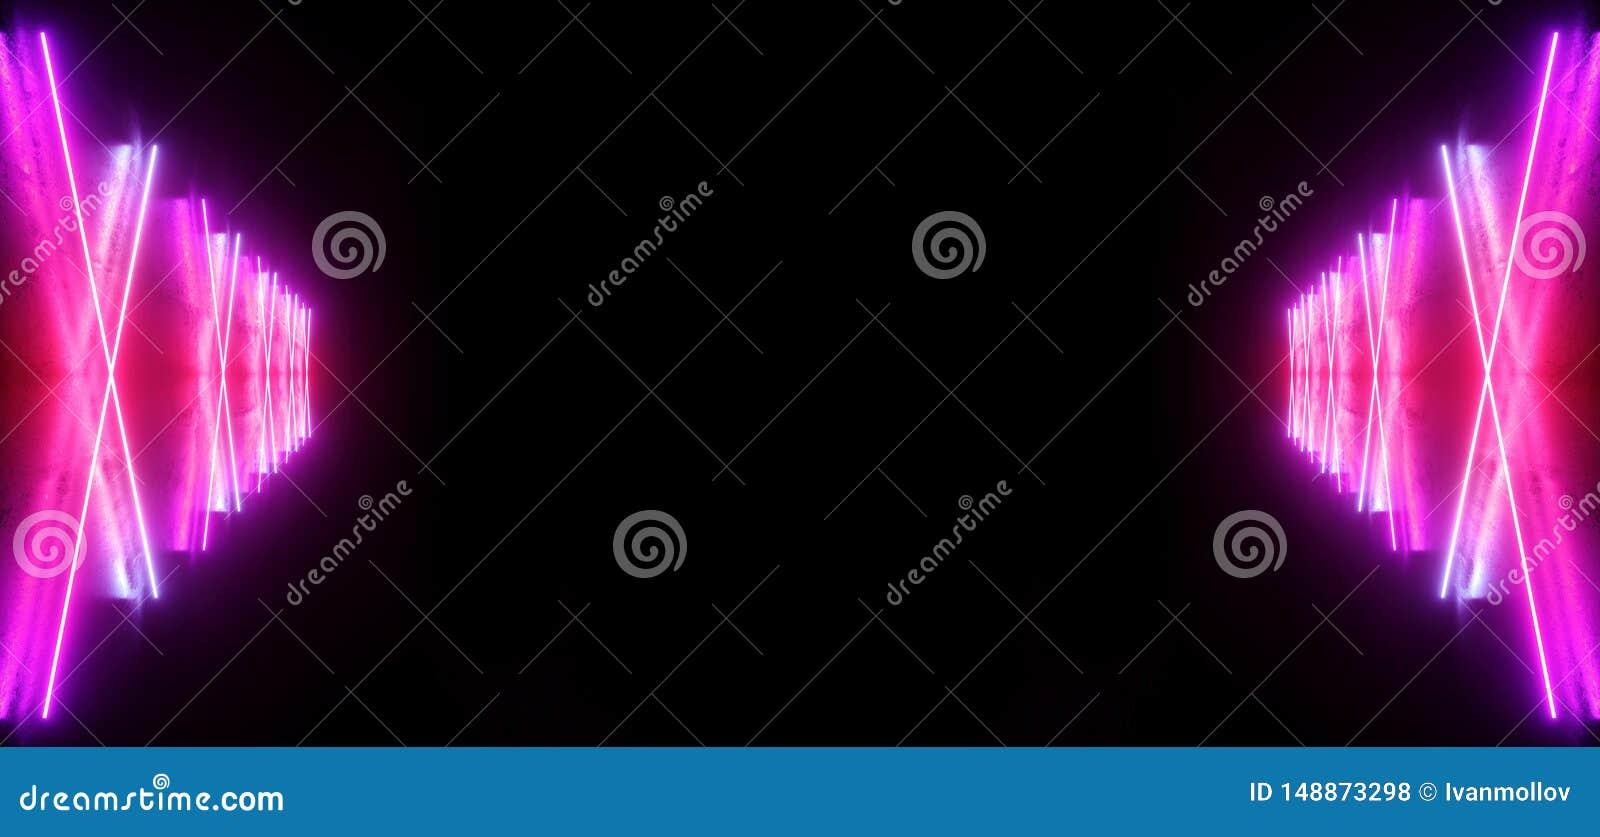 Futuristische Sc.i-van de het Neon Gloeiende Purpere Blauwe Laser Gestalte gegeven Abstracte Virtuele Fluorescente Donkere Glanze